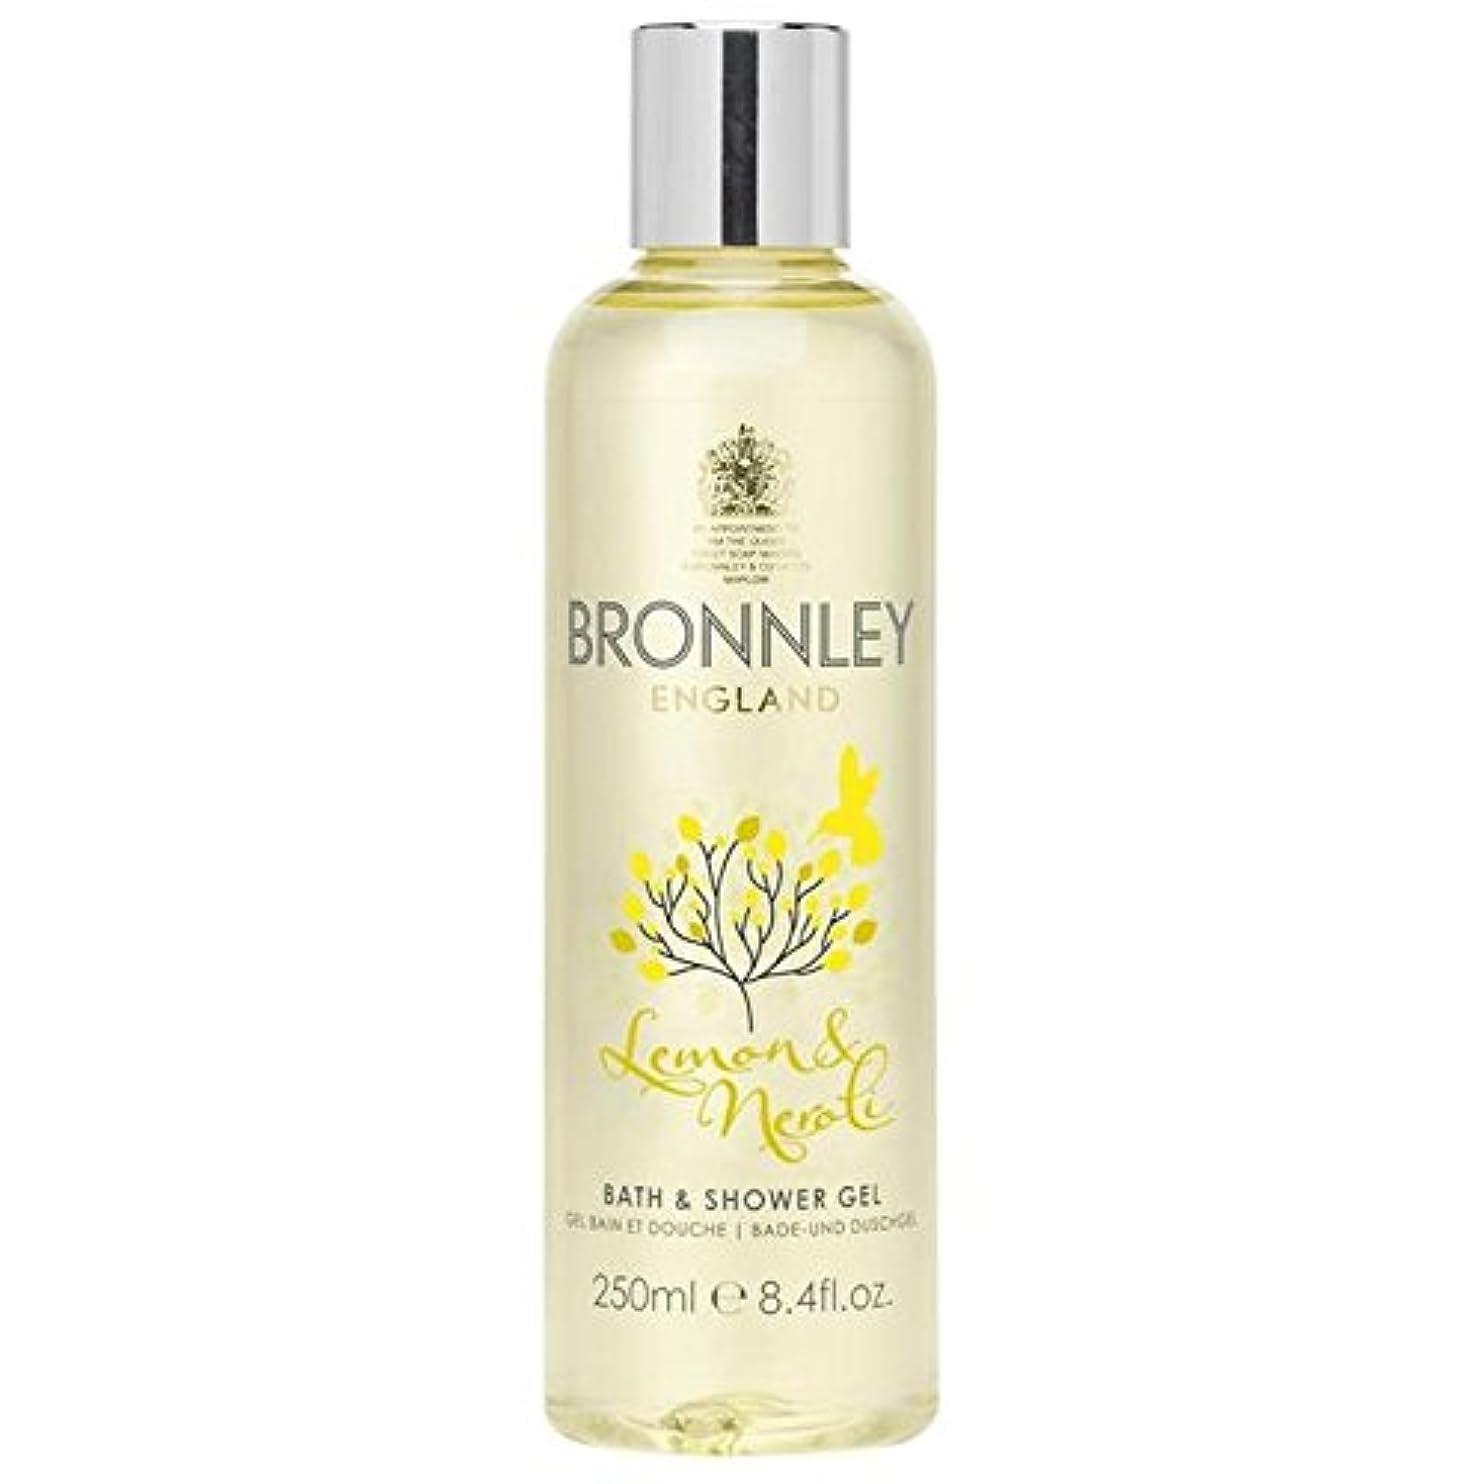 北へ靄溶けたレモン&ネロリバス&シャワージェル250ミリリットル x2 - Bronnley Lemon & Neroli Bath & Shower Gel 250ml (Pack of 2) [並行輸入品]